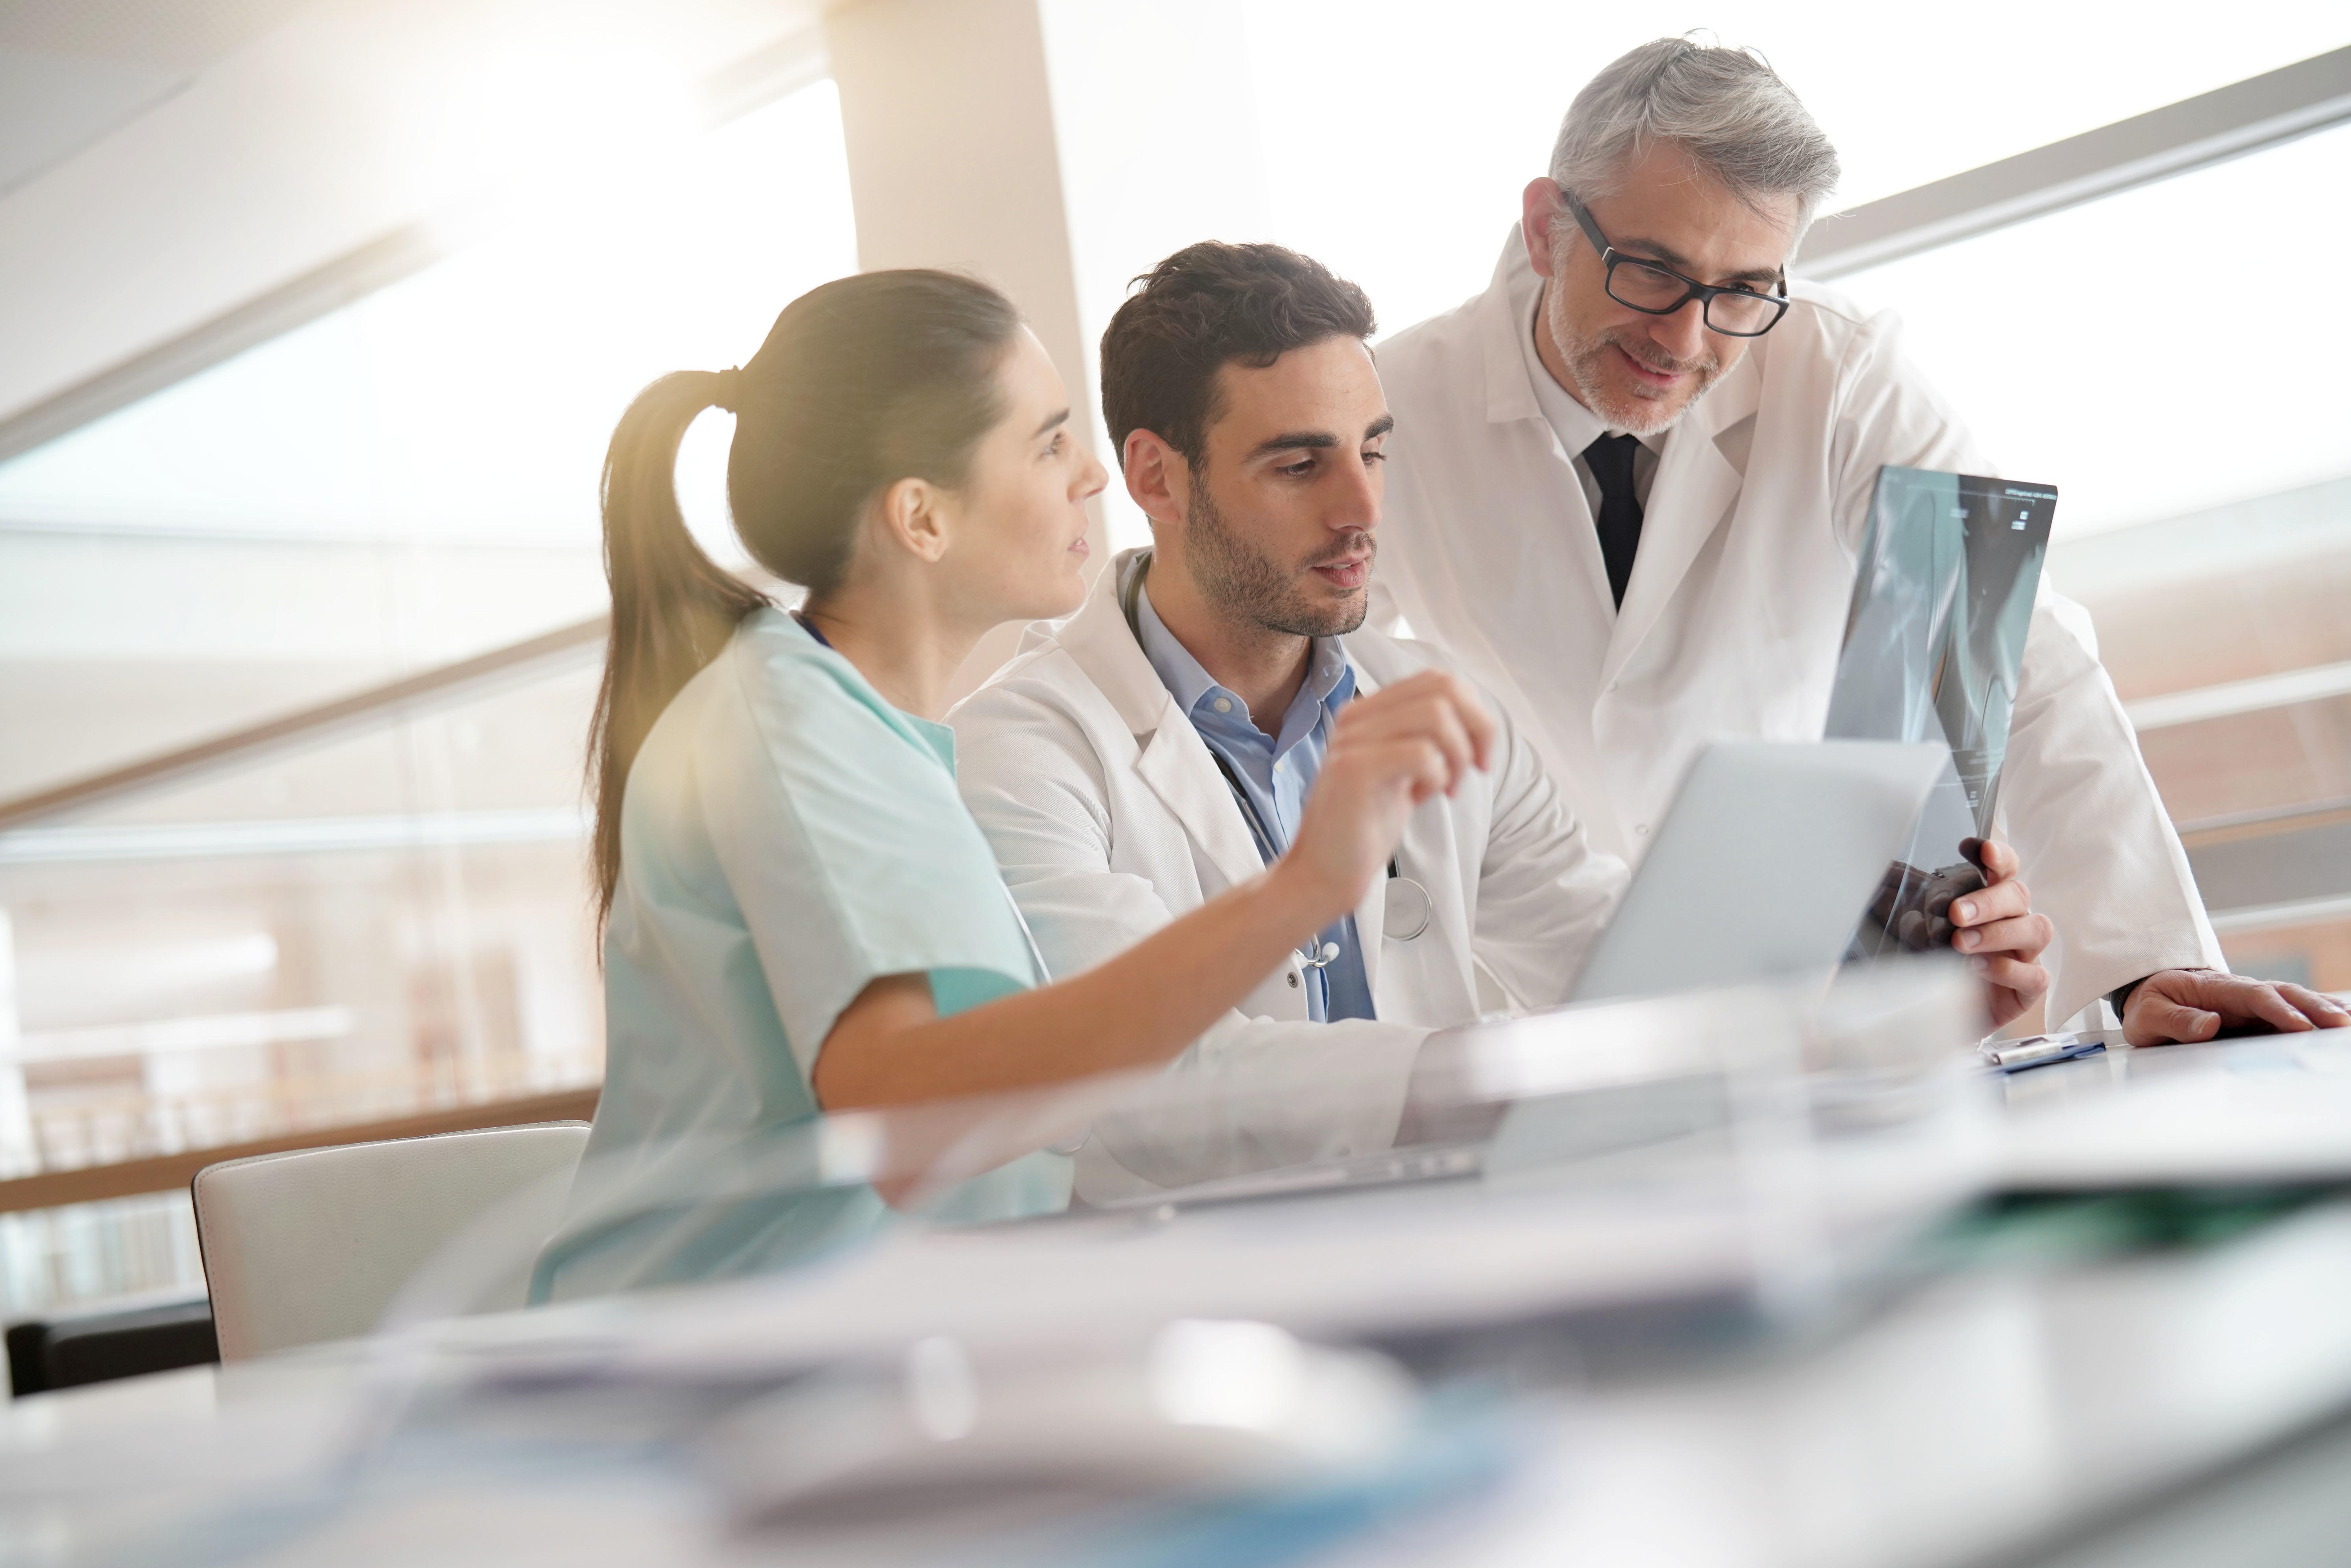 MSP, CPTS, associations et réseaux de santé réunissent aujourd'hui plusieurs dizaines de milliers de professionnels libéraux, qui, s'ils défendent l'accès aux soins pour tous, se doivent aussi de protéger leur propre santé